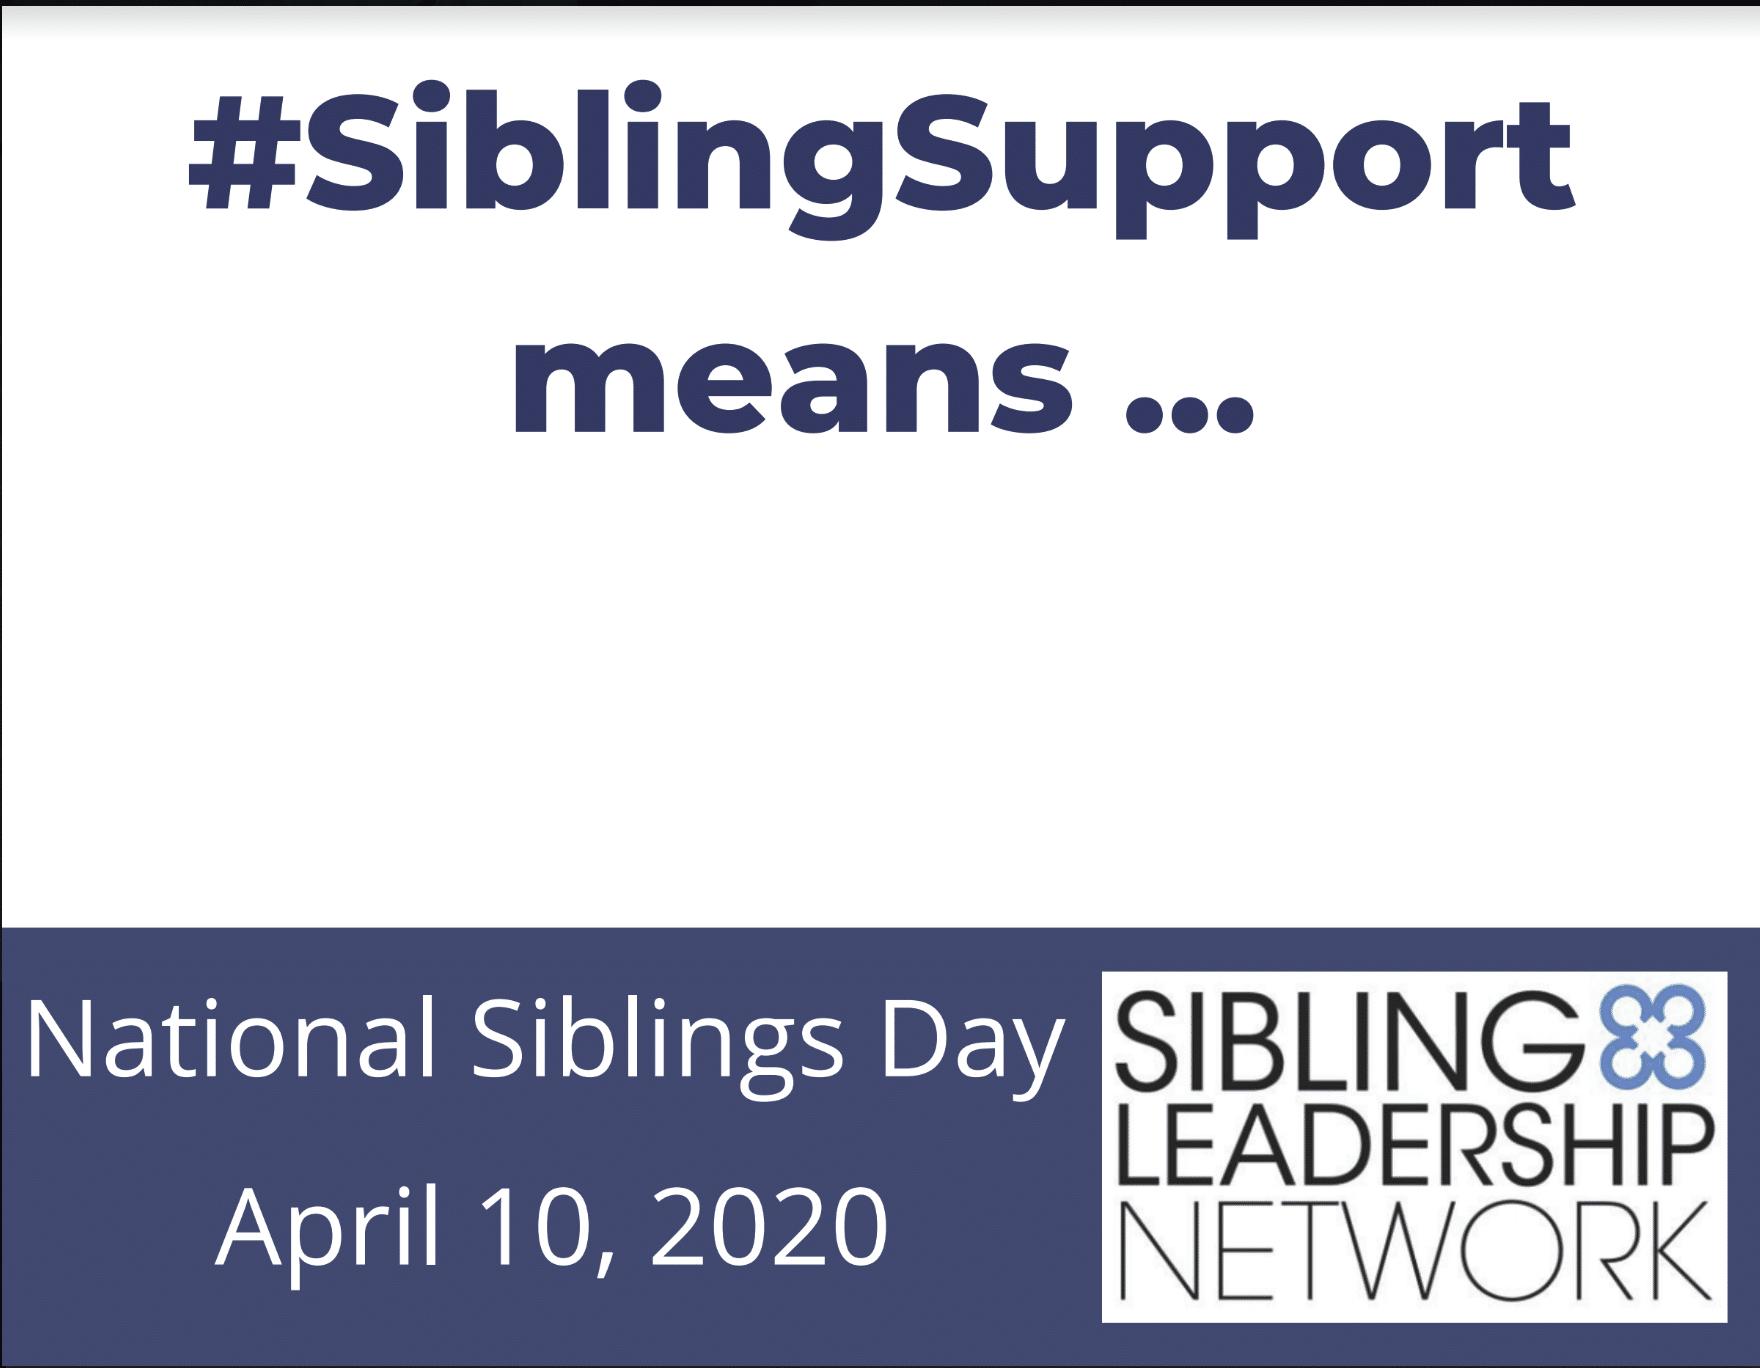 National Siblings Day Sibling Leadership Network